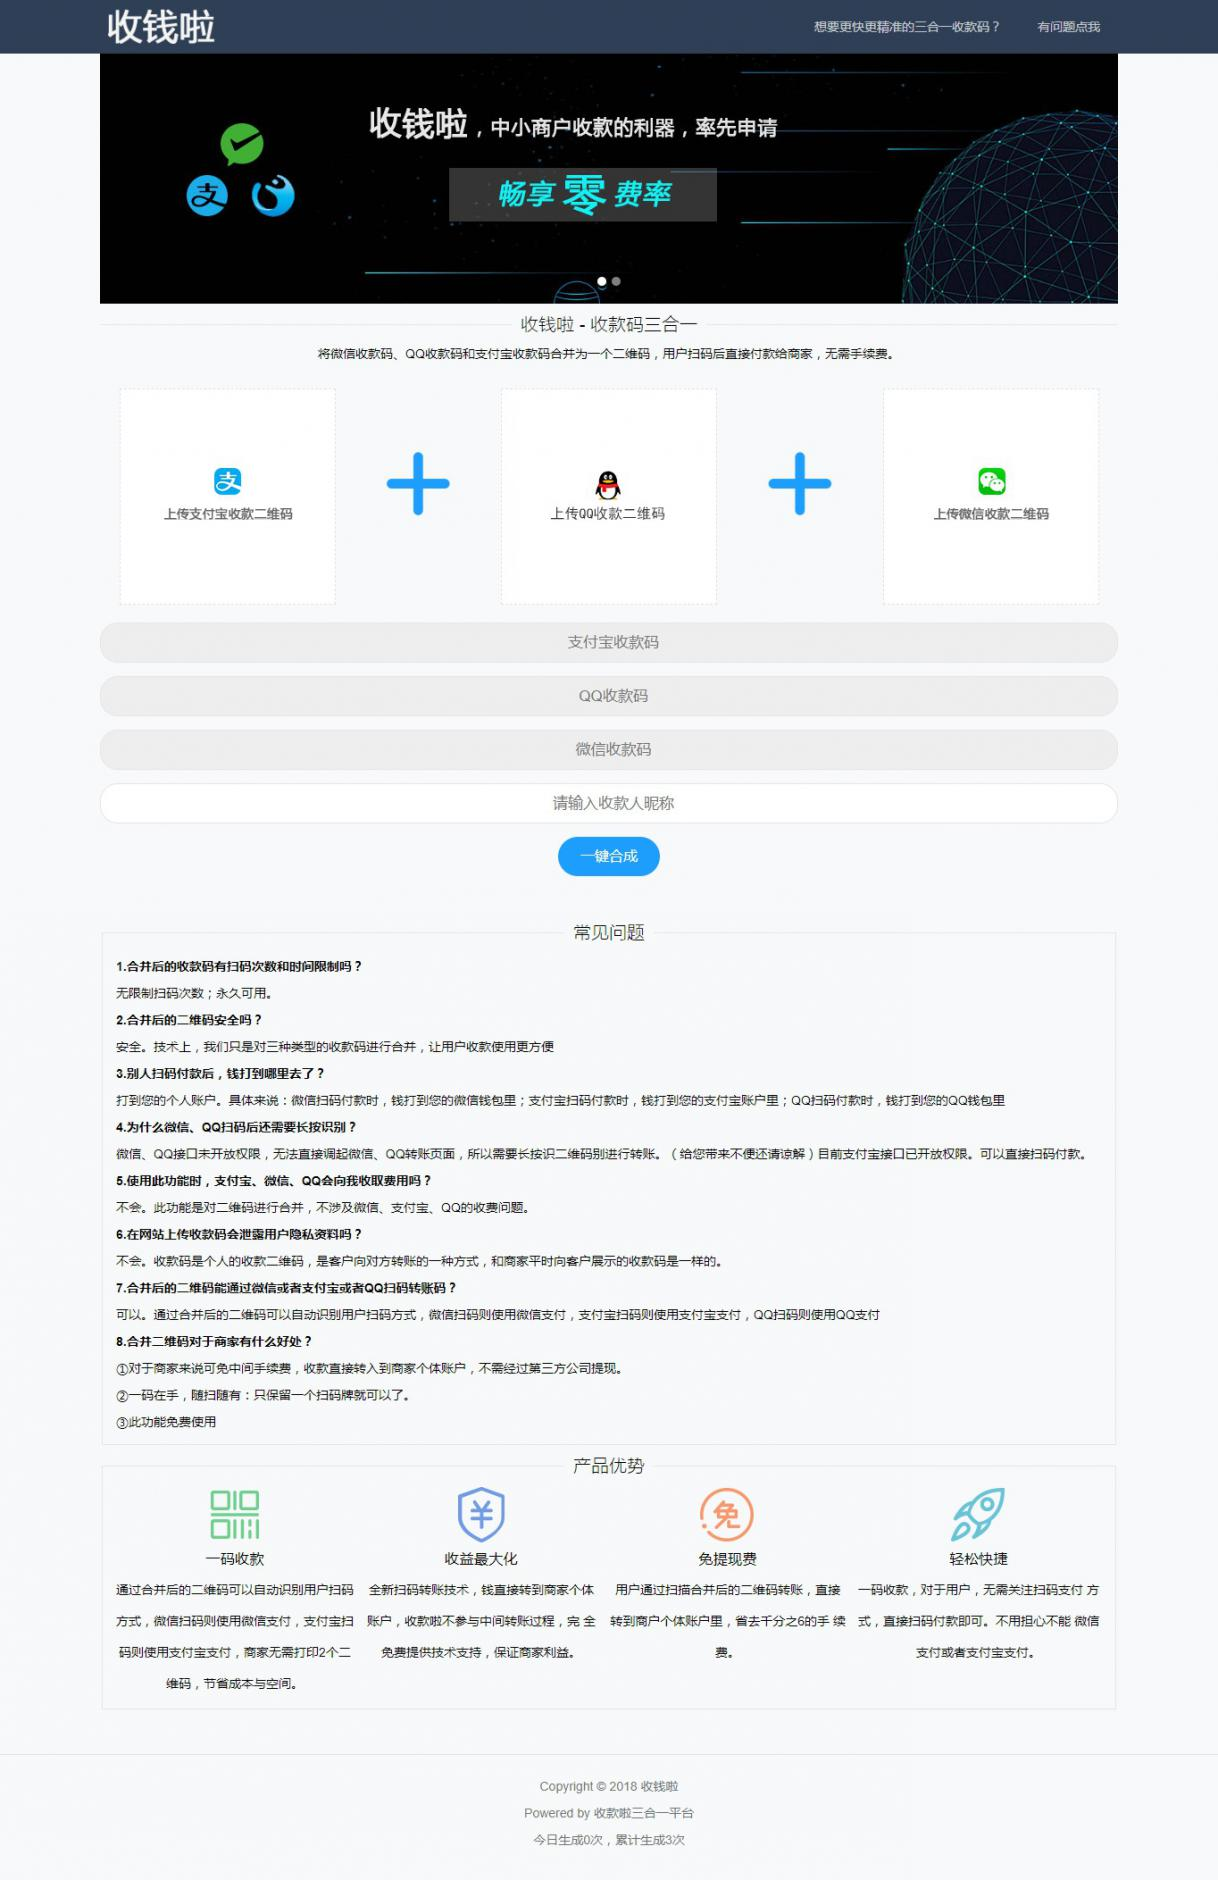 收款啦 - 支付宝微信QQ收款码三合一整合系统